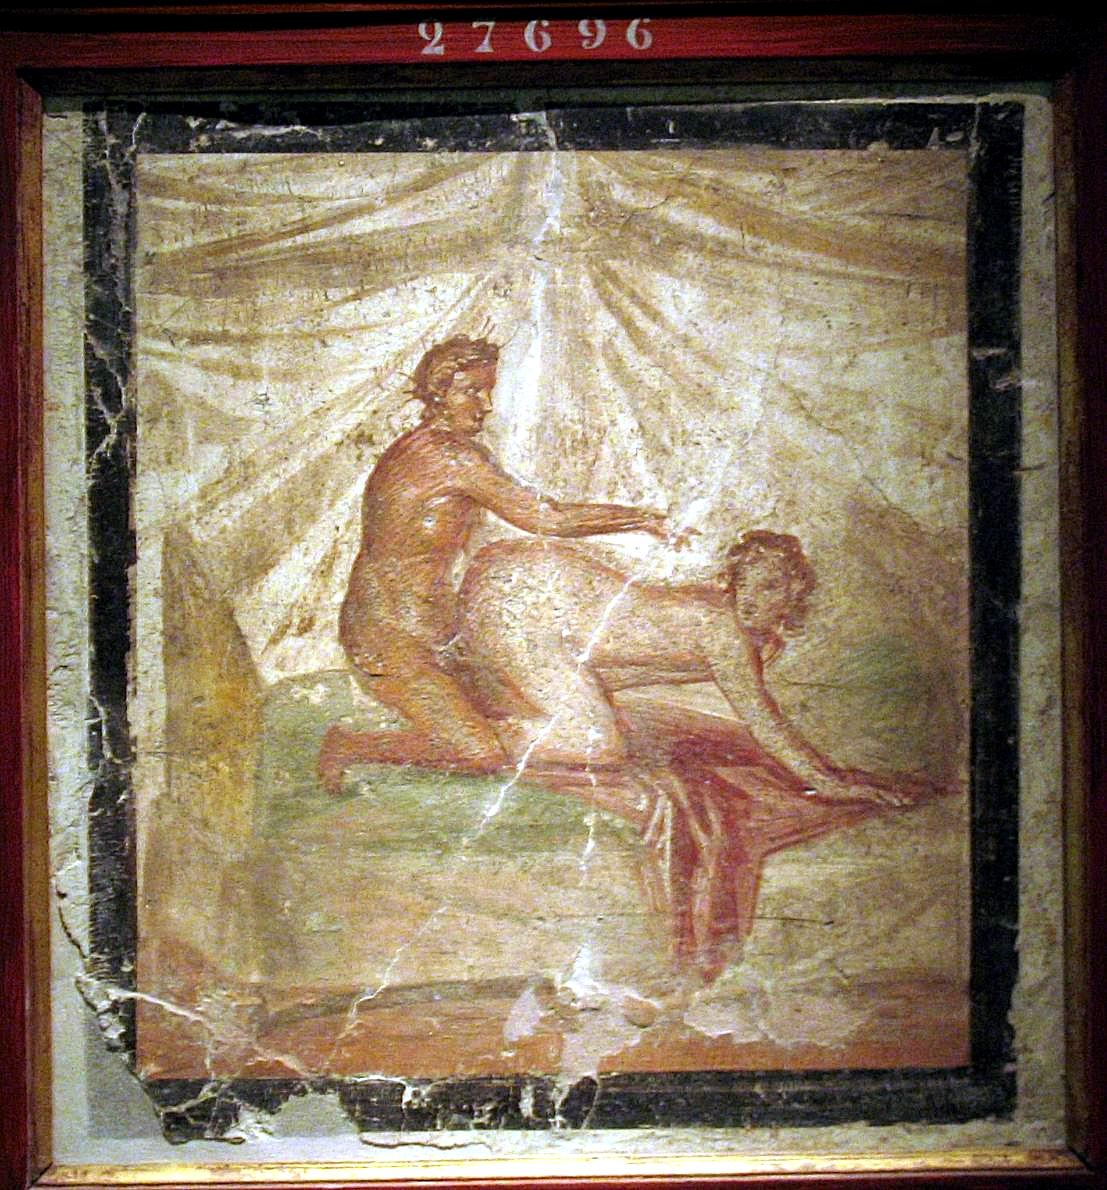 cose erotiche meetic wikipedia